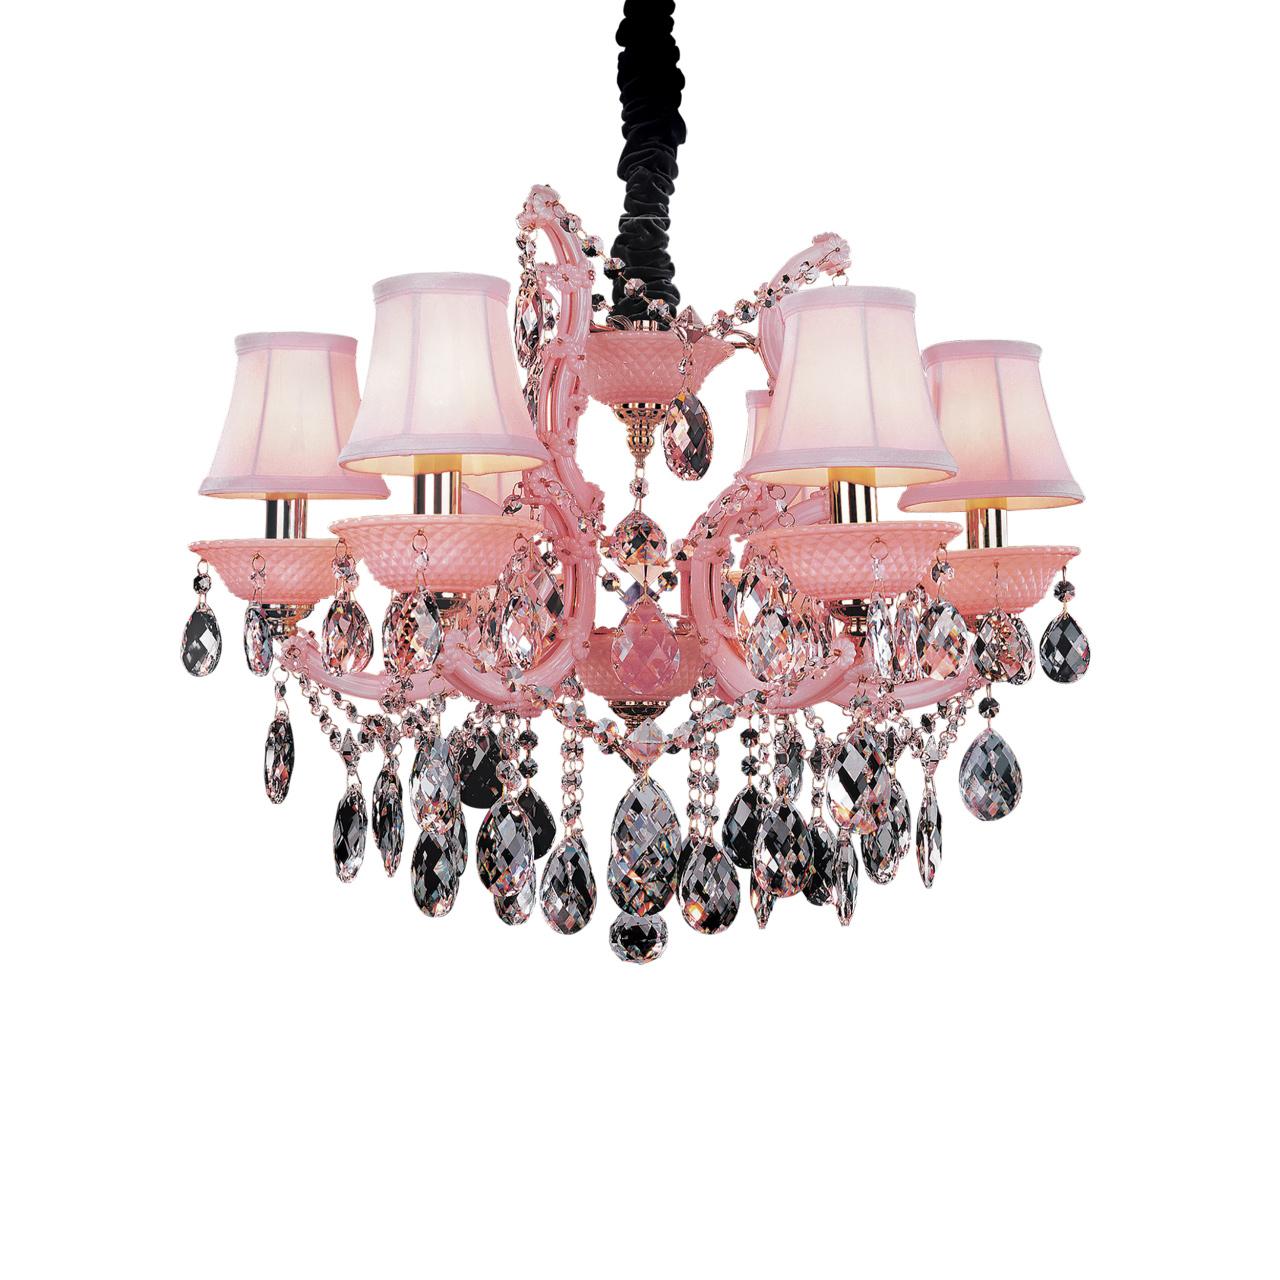 Люстра подвесная Princia 6х40W E14 розовый / прозрачный Osgona 726062